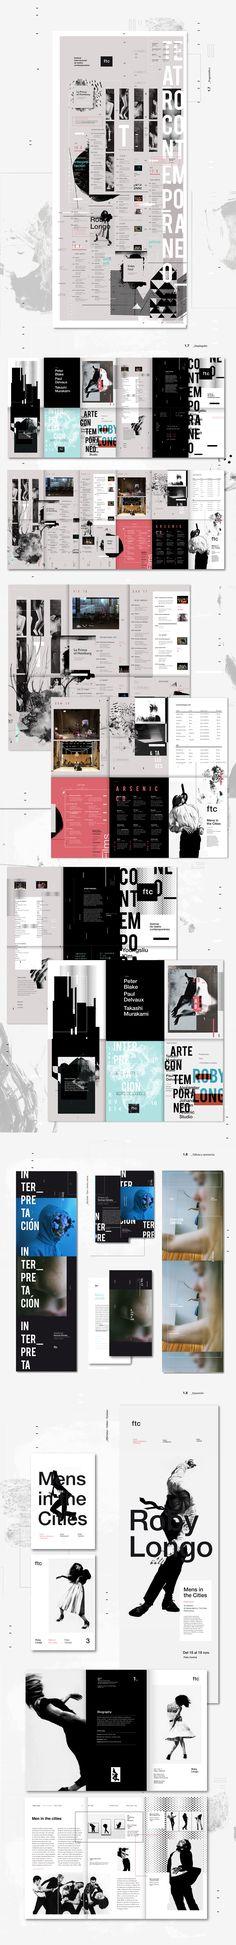 Ftc - Festival de Teatro Contemporáneo - Parte 2 on Behance                                                                                                                                                                                 Más